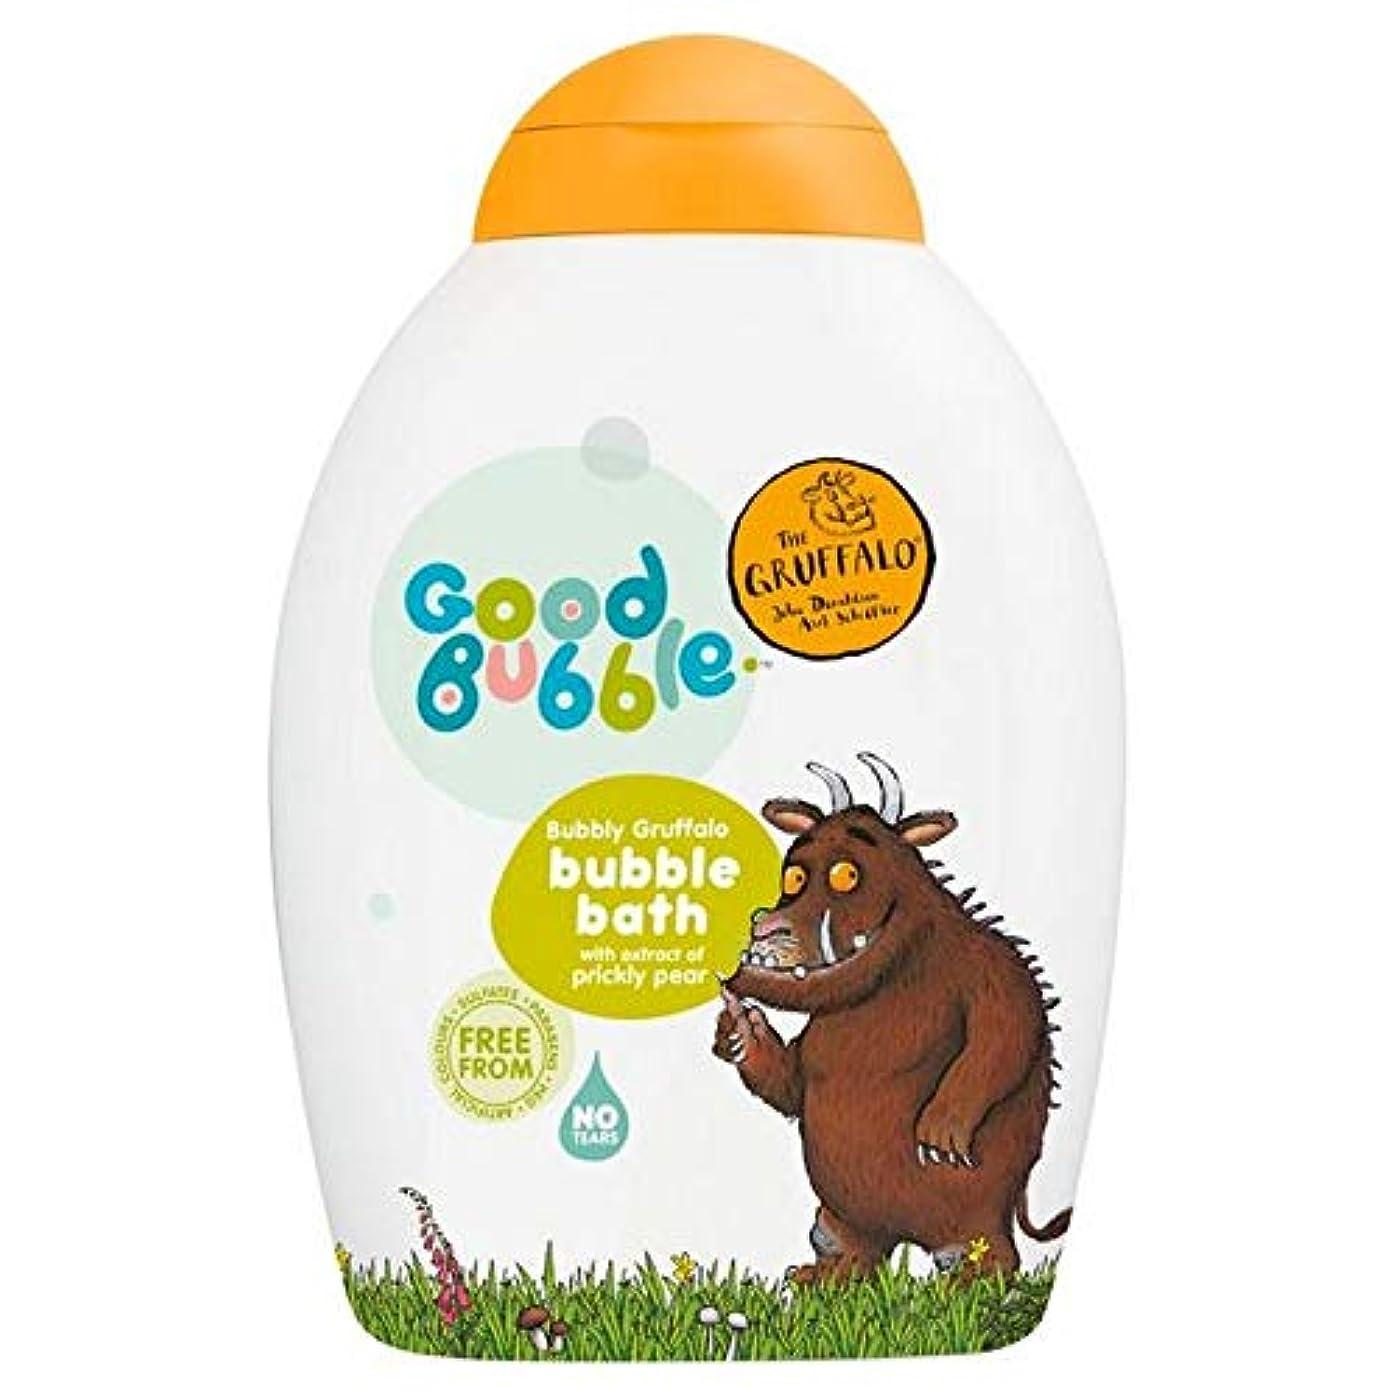 慈悲柔らかい足常習者[Good Bubble ] ウチワサボテンエキス400ミリリットルとの良好なバブル快活Gruffaloの泡風呂 - Good Bubble Bubbly Gruffalo Bubble Bath with Prickly...